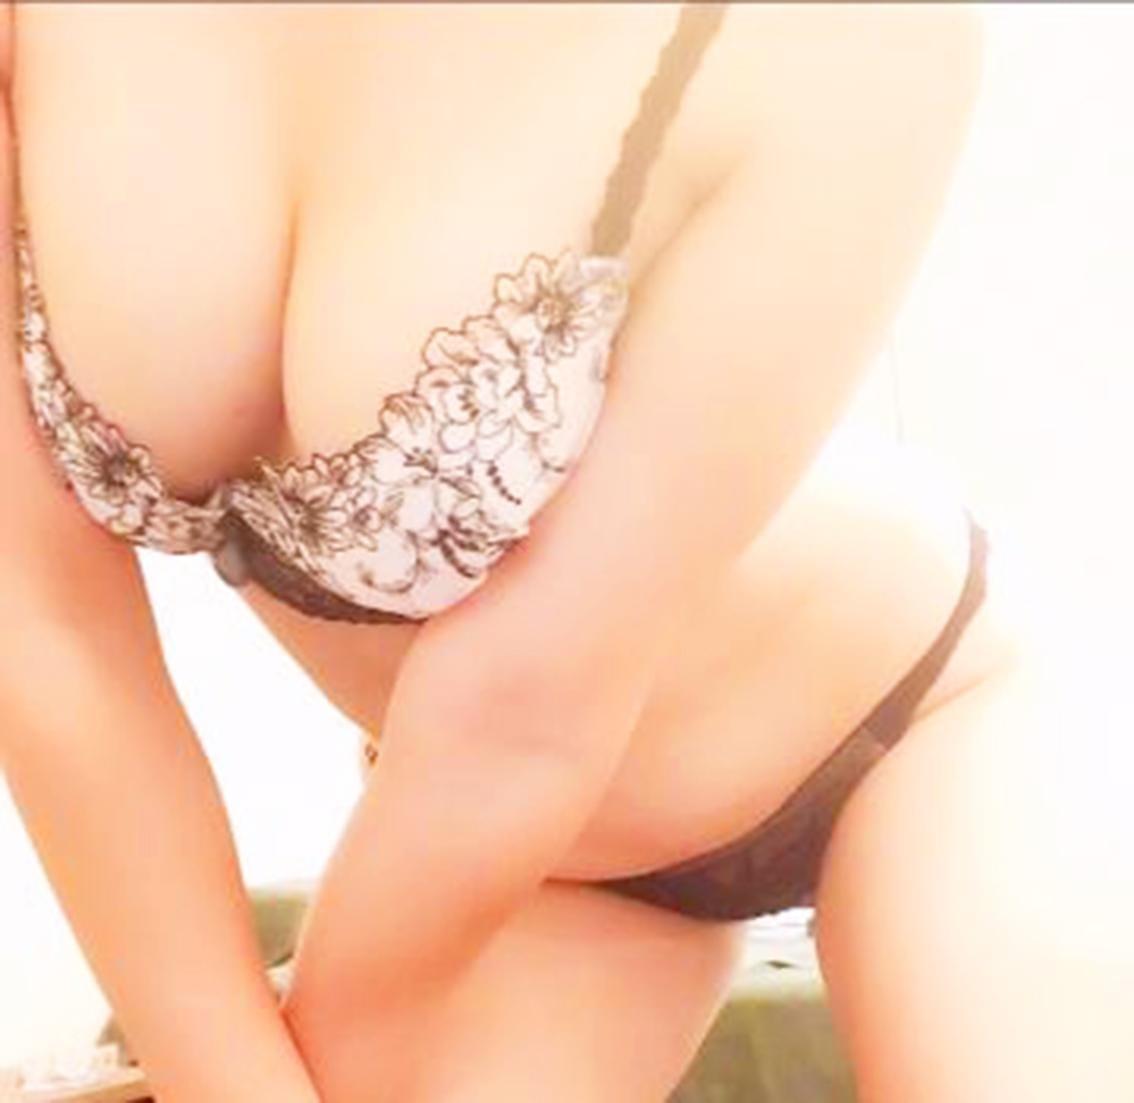 「おはようございます」10/16(火) 13:21 | 曾根崎の妻の写メ・風俗動画